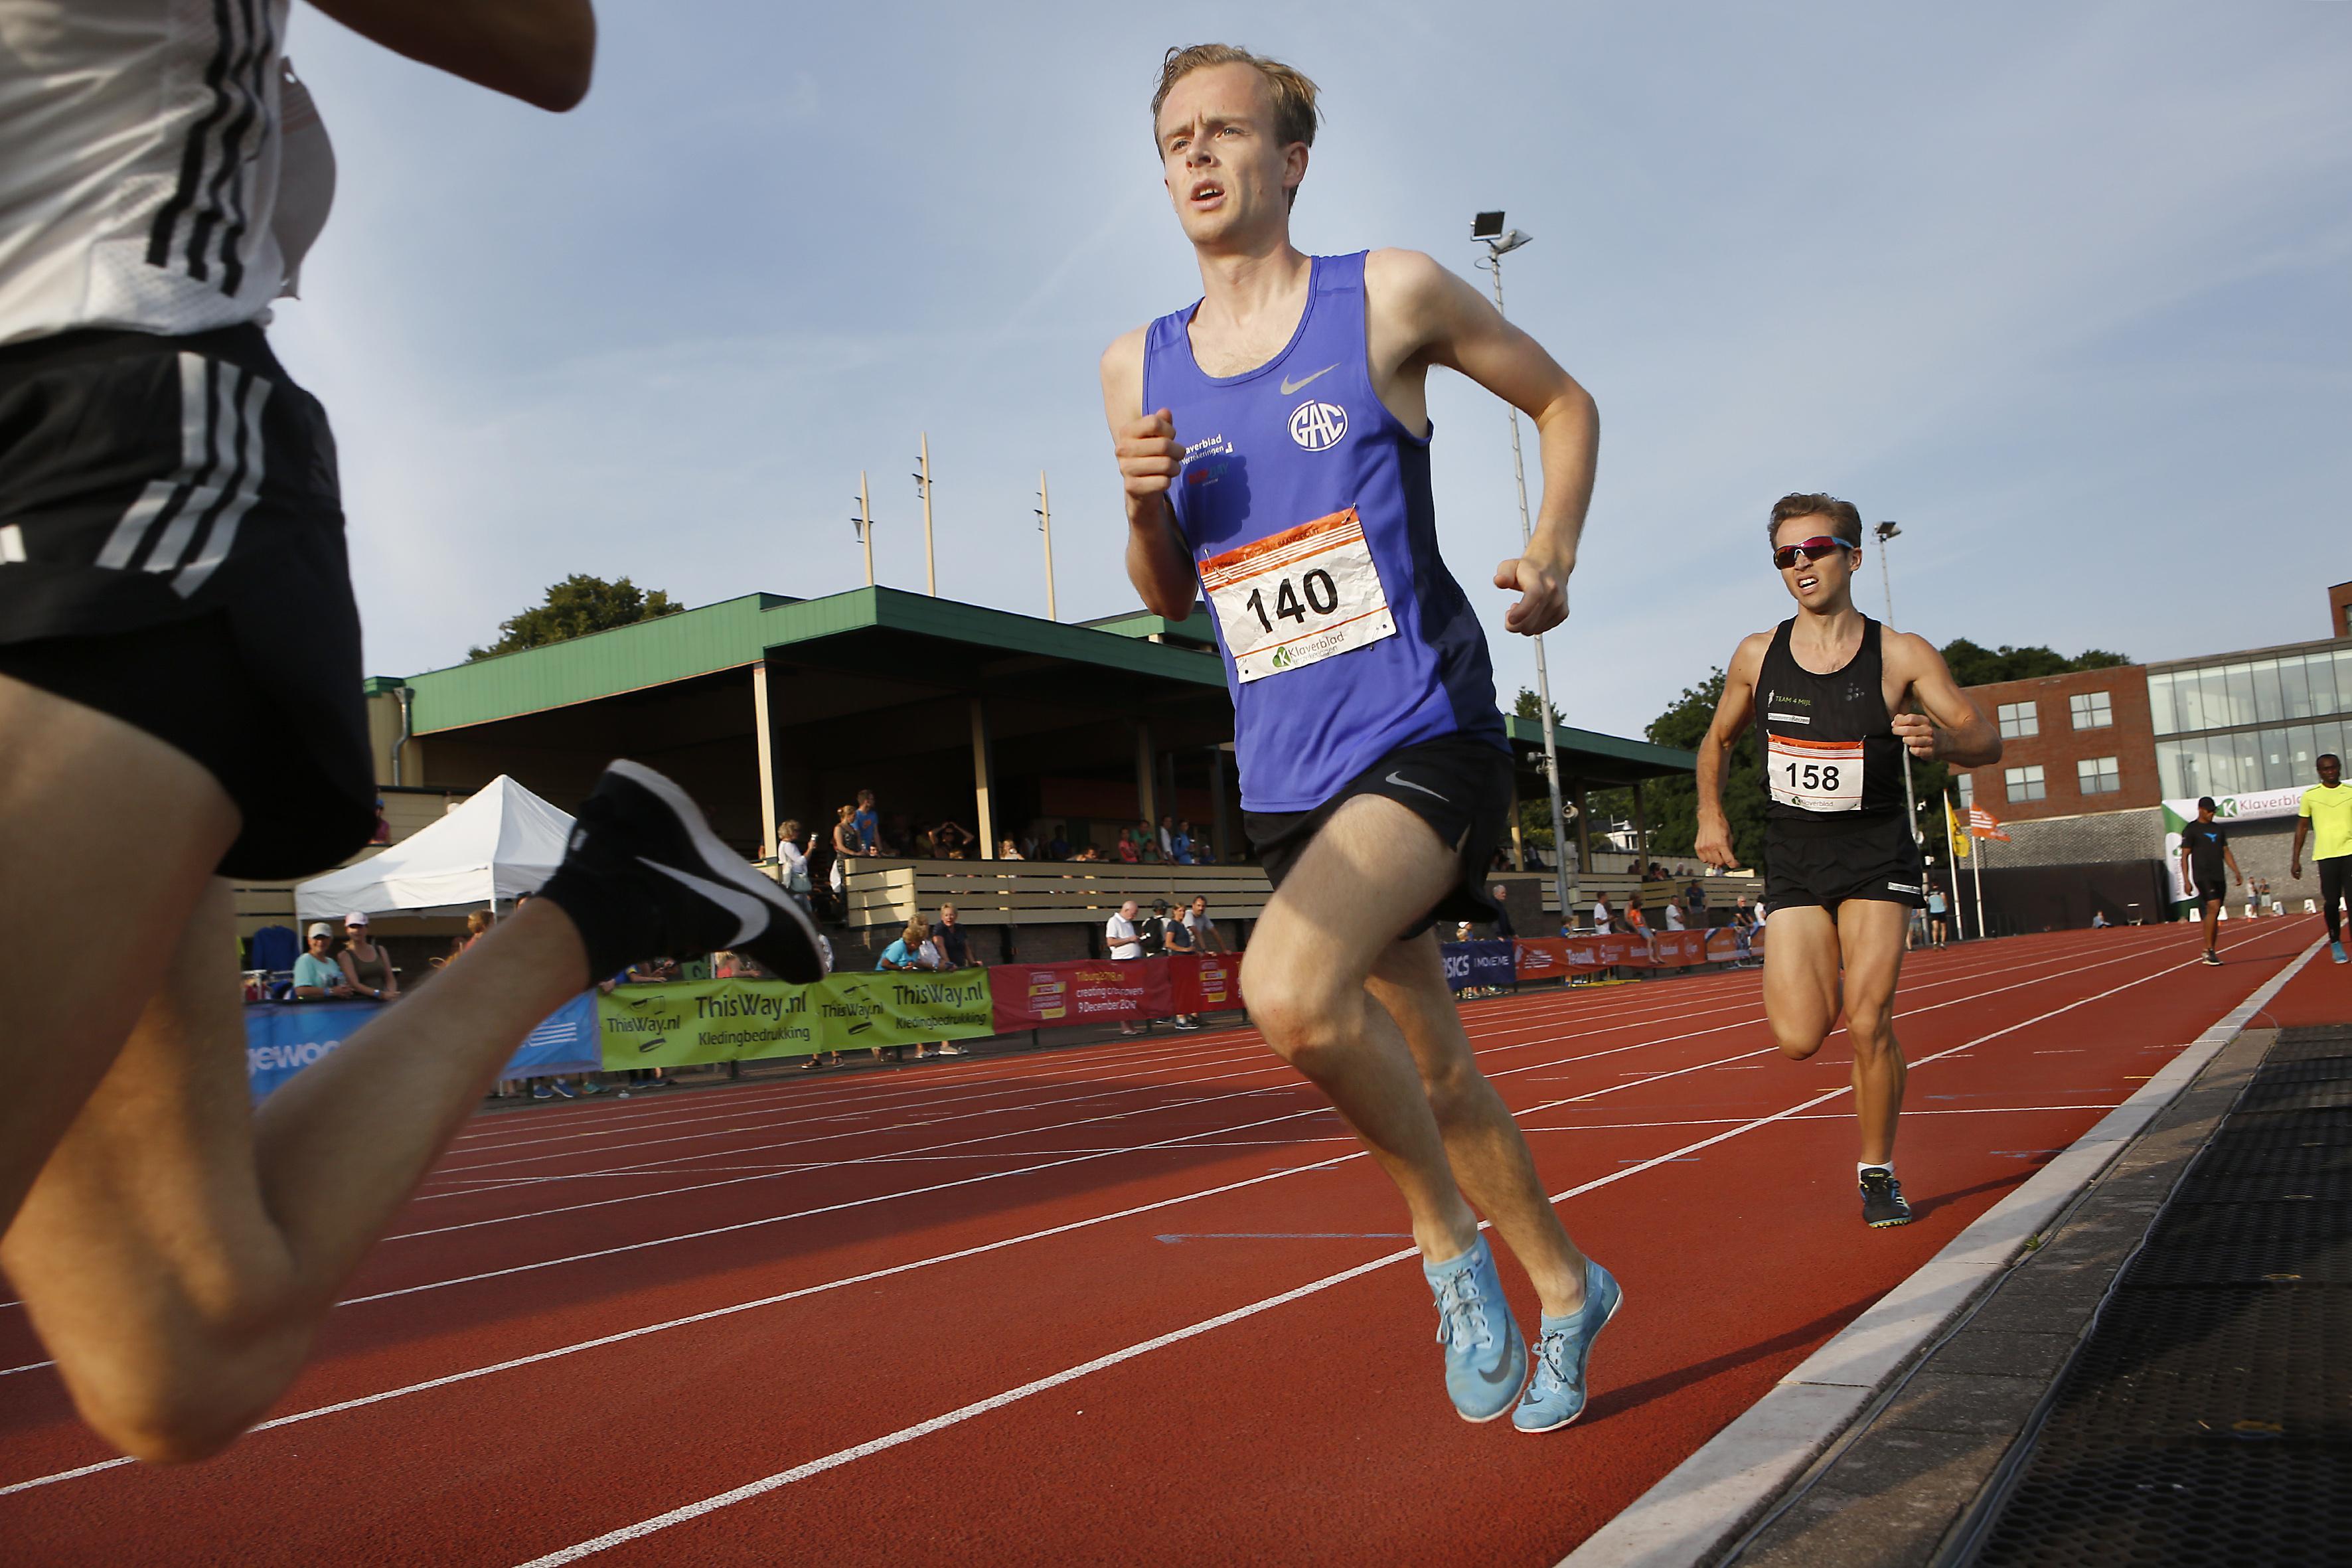 Brons voor Jip Vastenburg (1500 meter) en Cas Lutz (3000 meter steeplechase) op NK atletiek